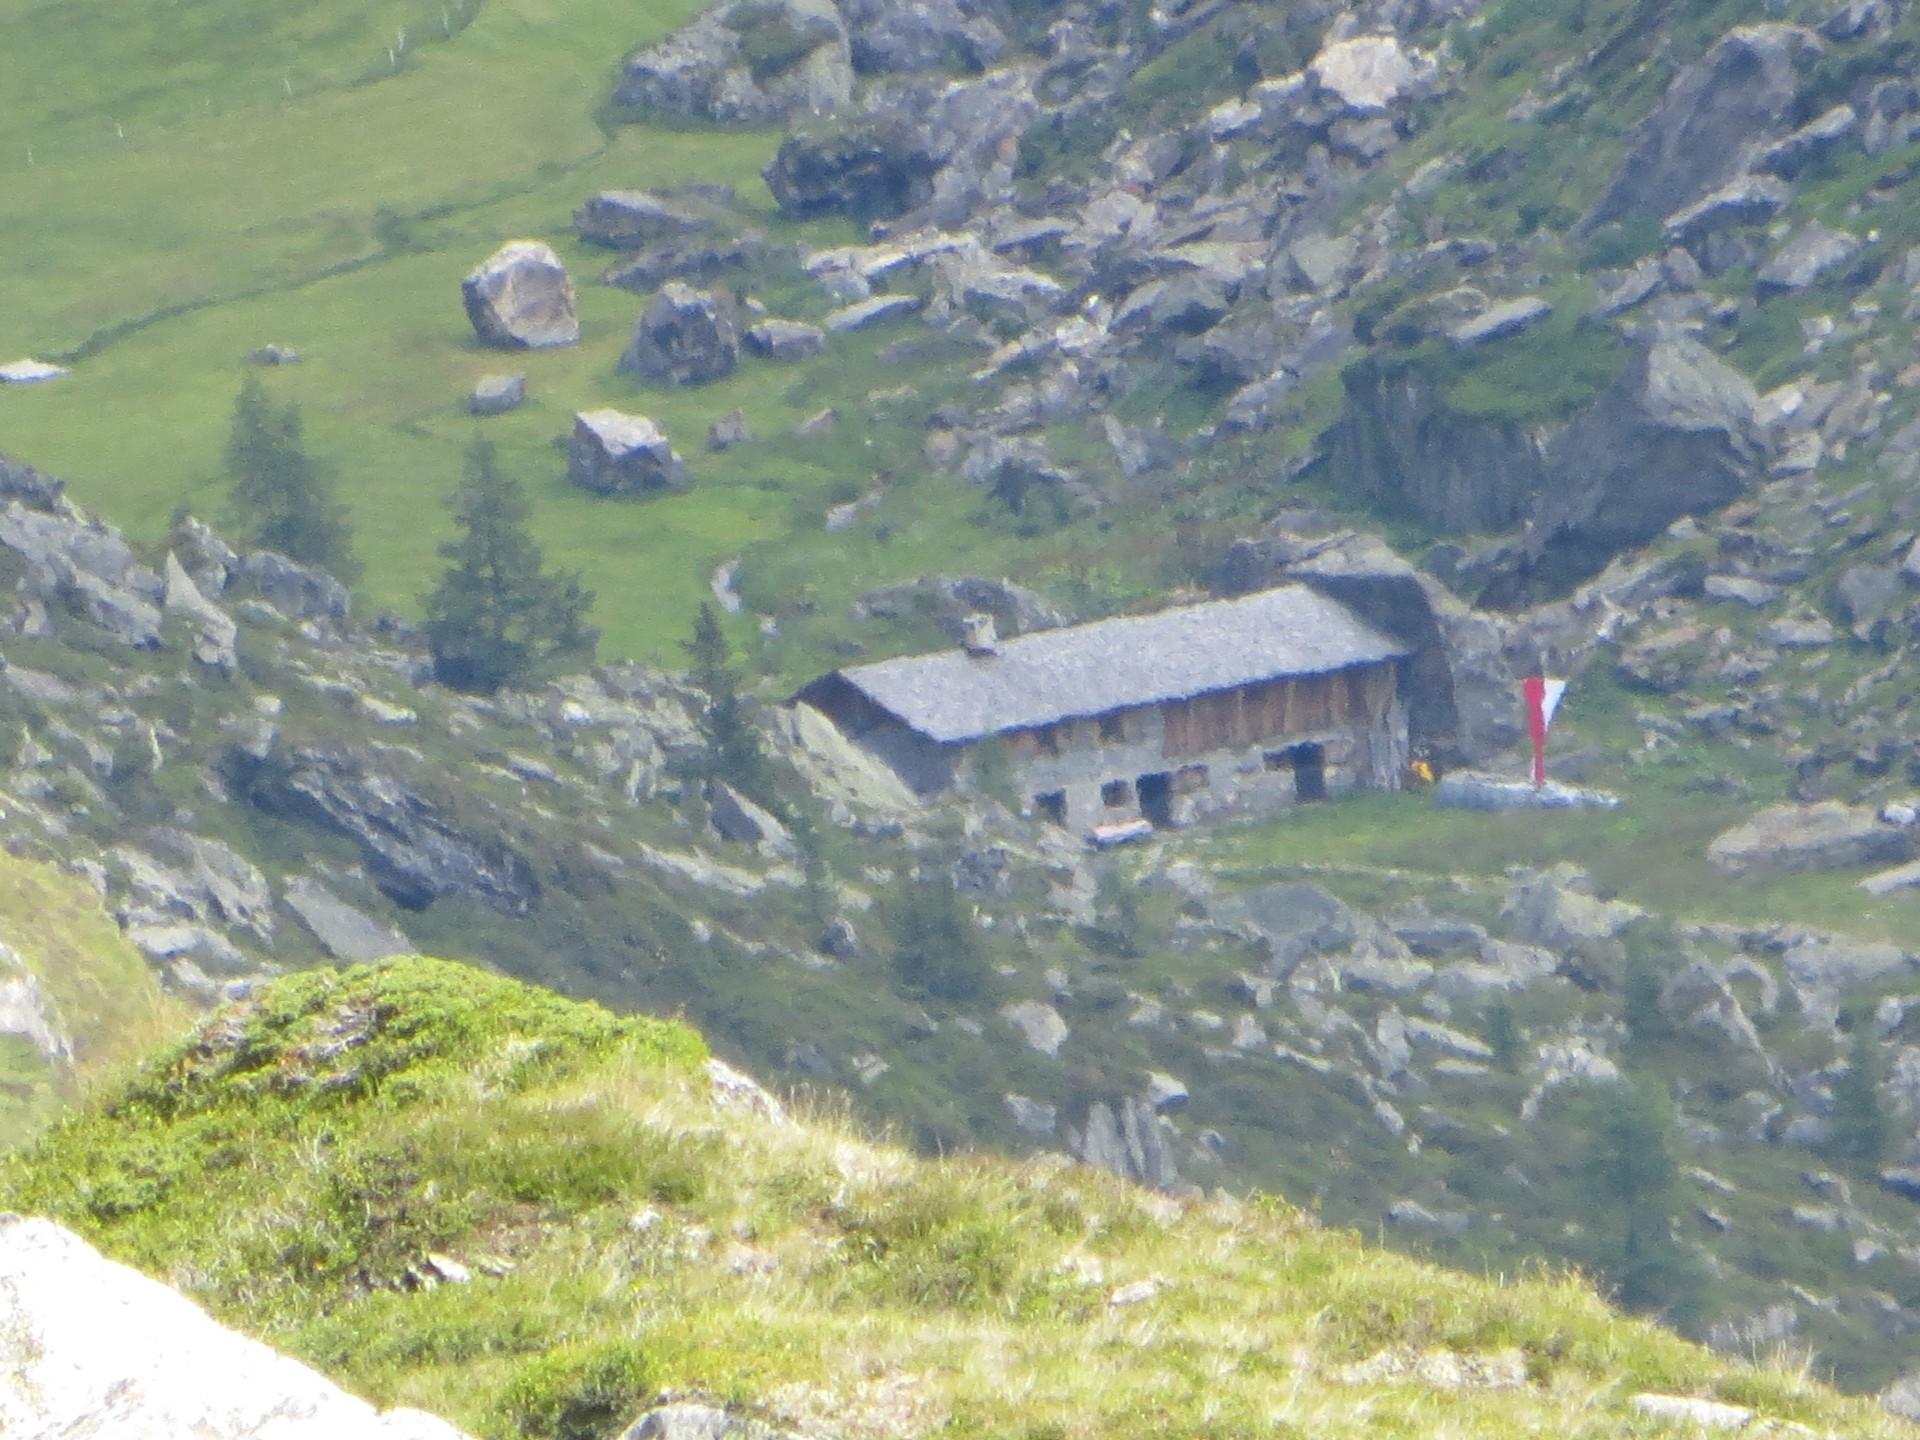 Vallee de Prettau